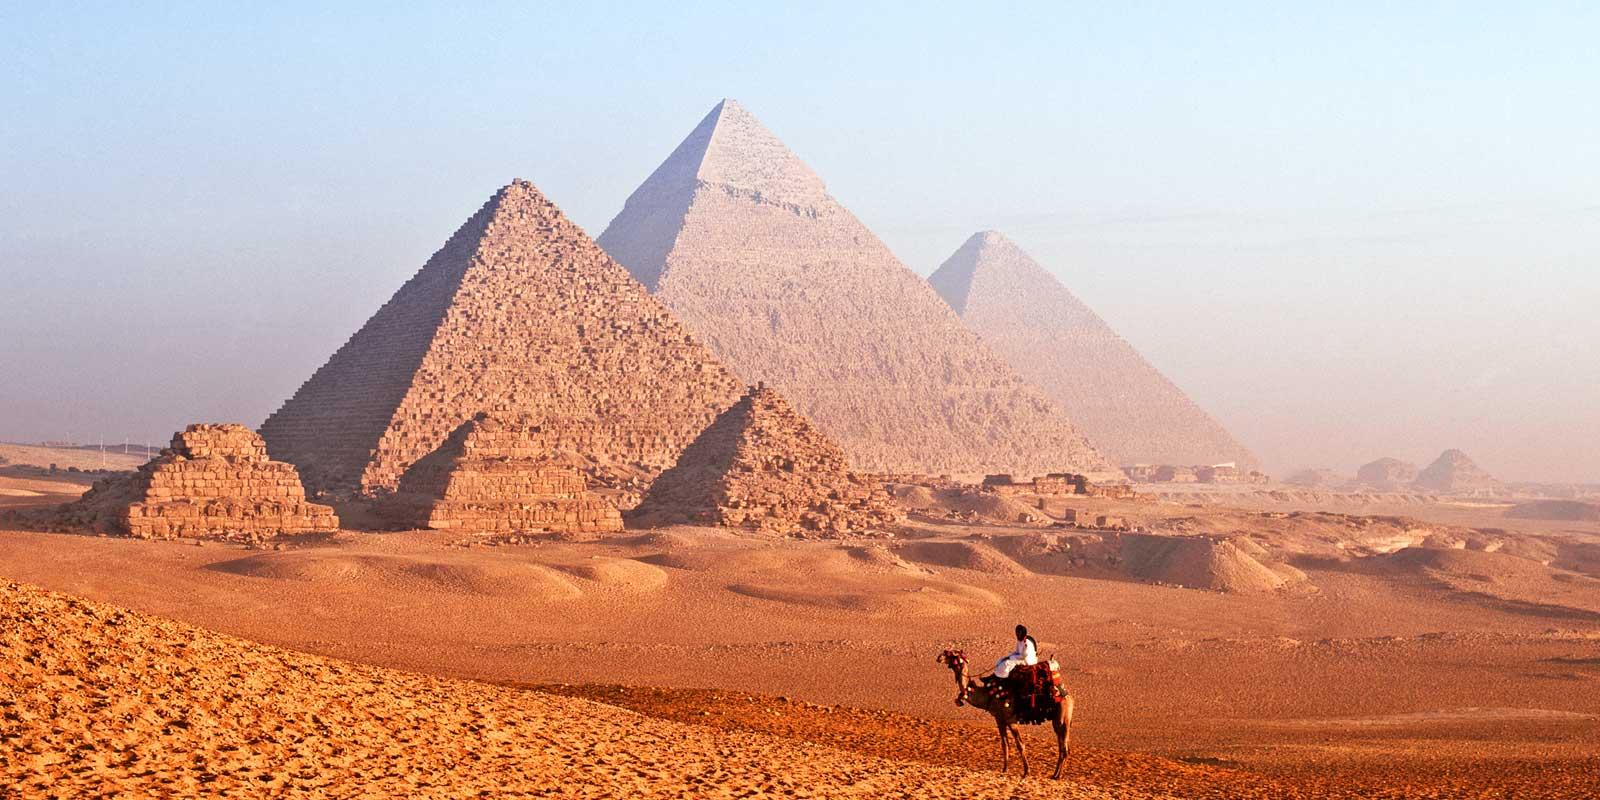 OCOA_TRAVEL_EGYPTO_2021_3